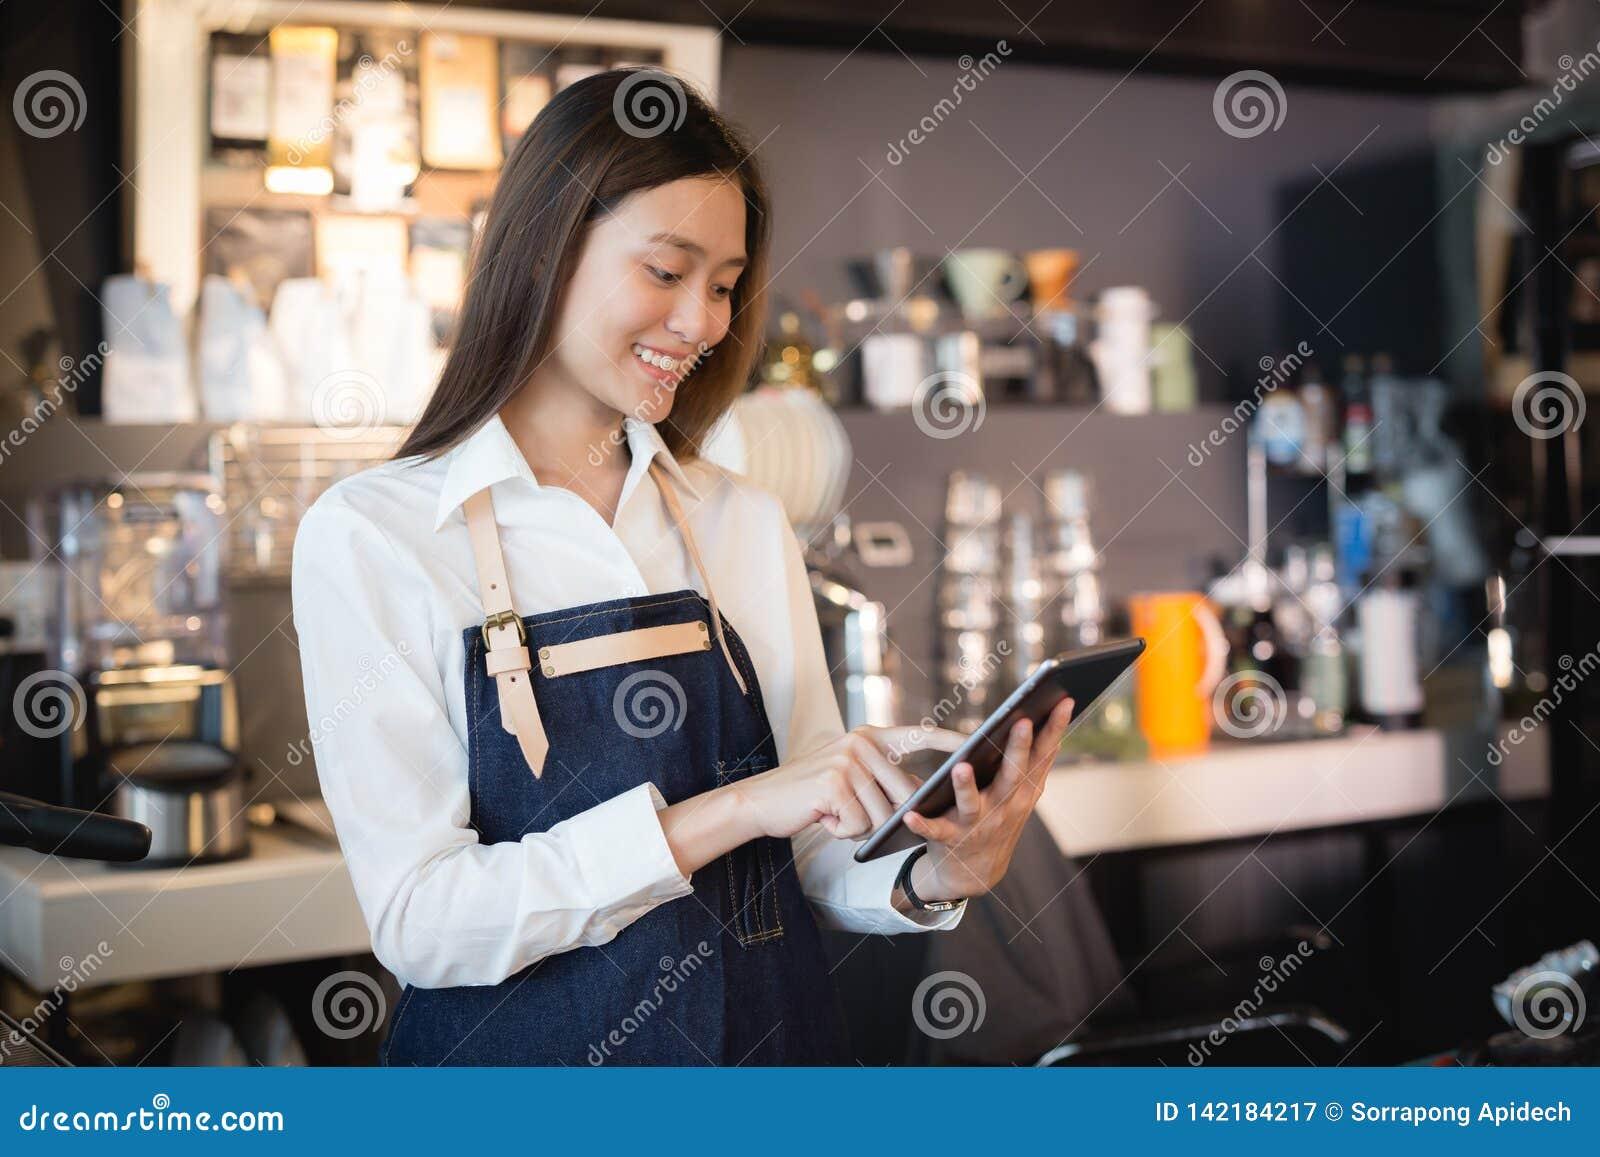 Asiatin barista, das mit Tablette in ihrer Hand, weibliche Angestellte lächelt, nehmen Bestellungen von den on-line-Kunden entgeg